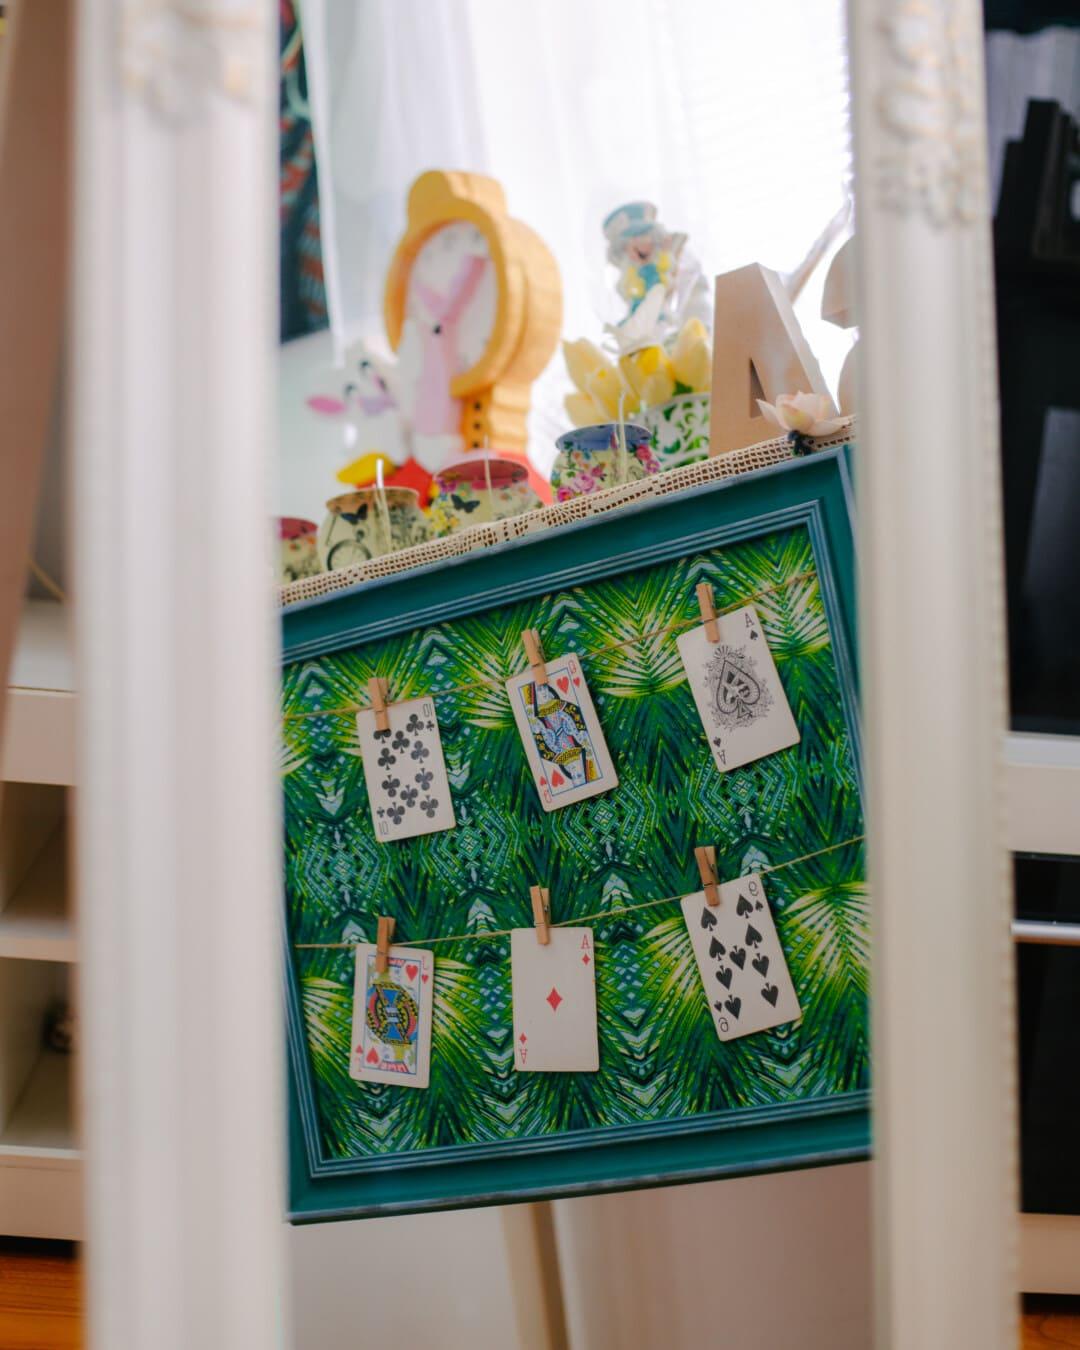 indretning, dekoration, spejl, ramme, refleksion, møbler, kort, kunst, indendørs, farve